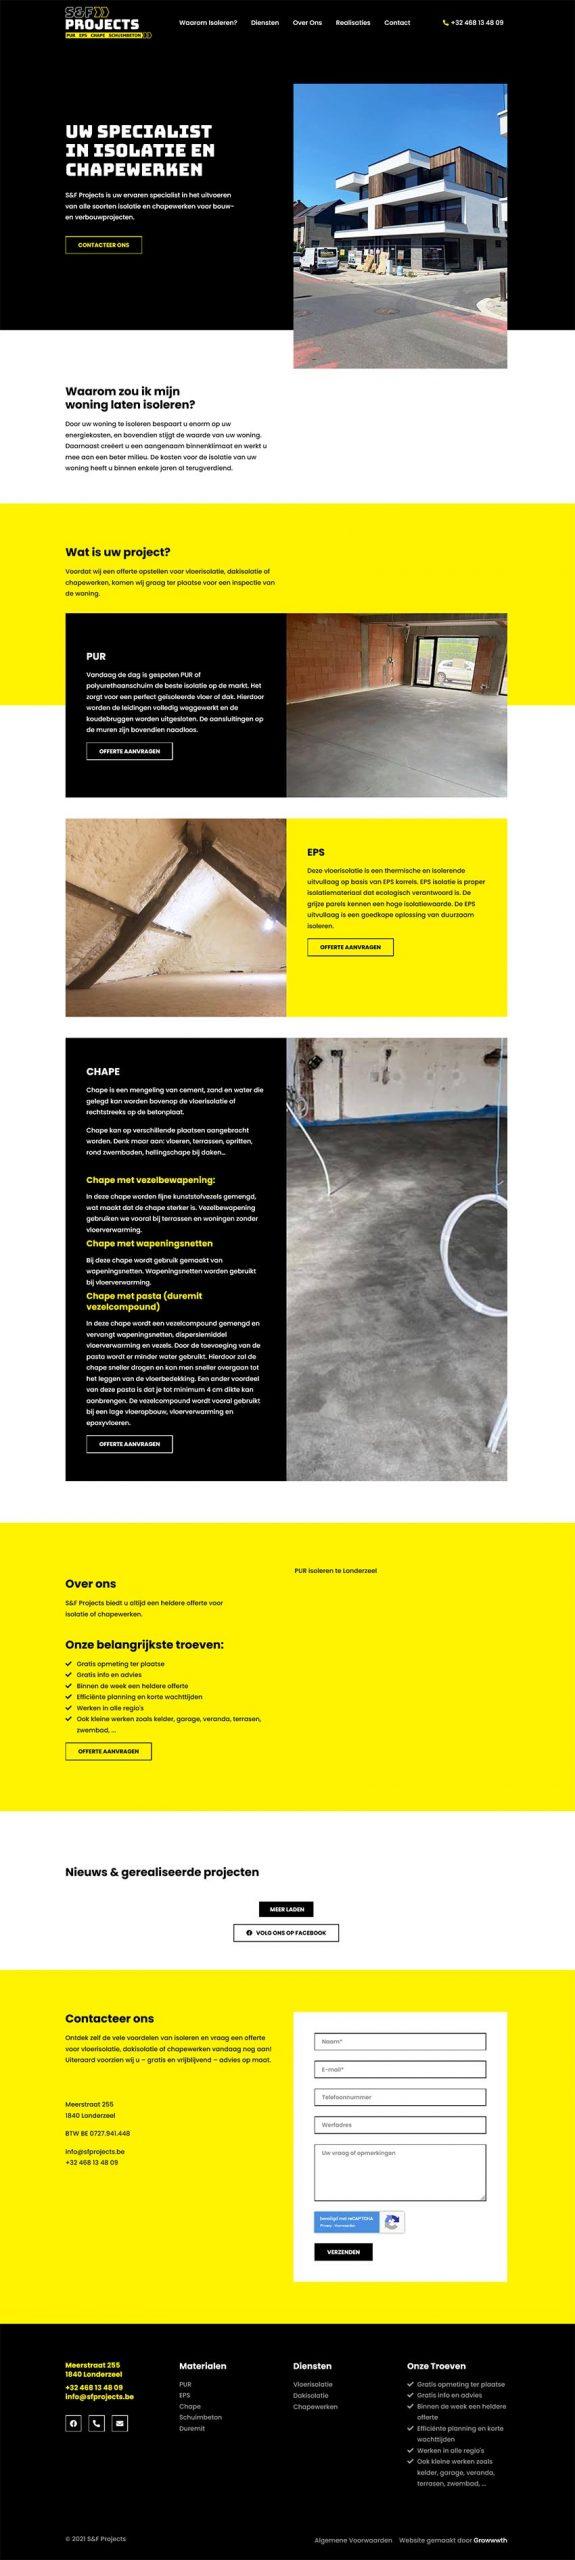 S F Projects Uw specialist in isoleren en chapewerken te Londerzeel